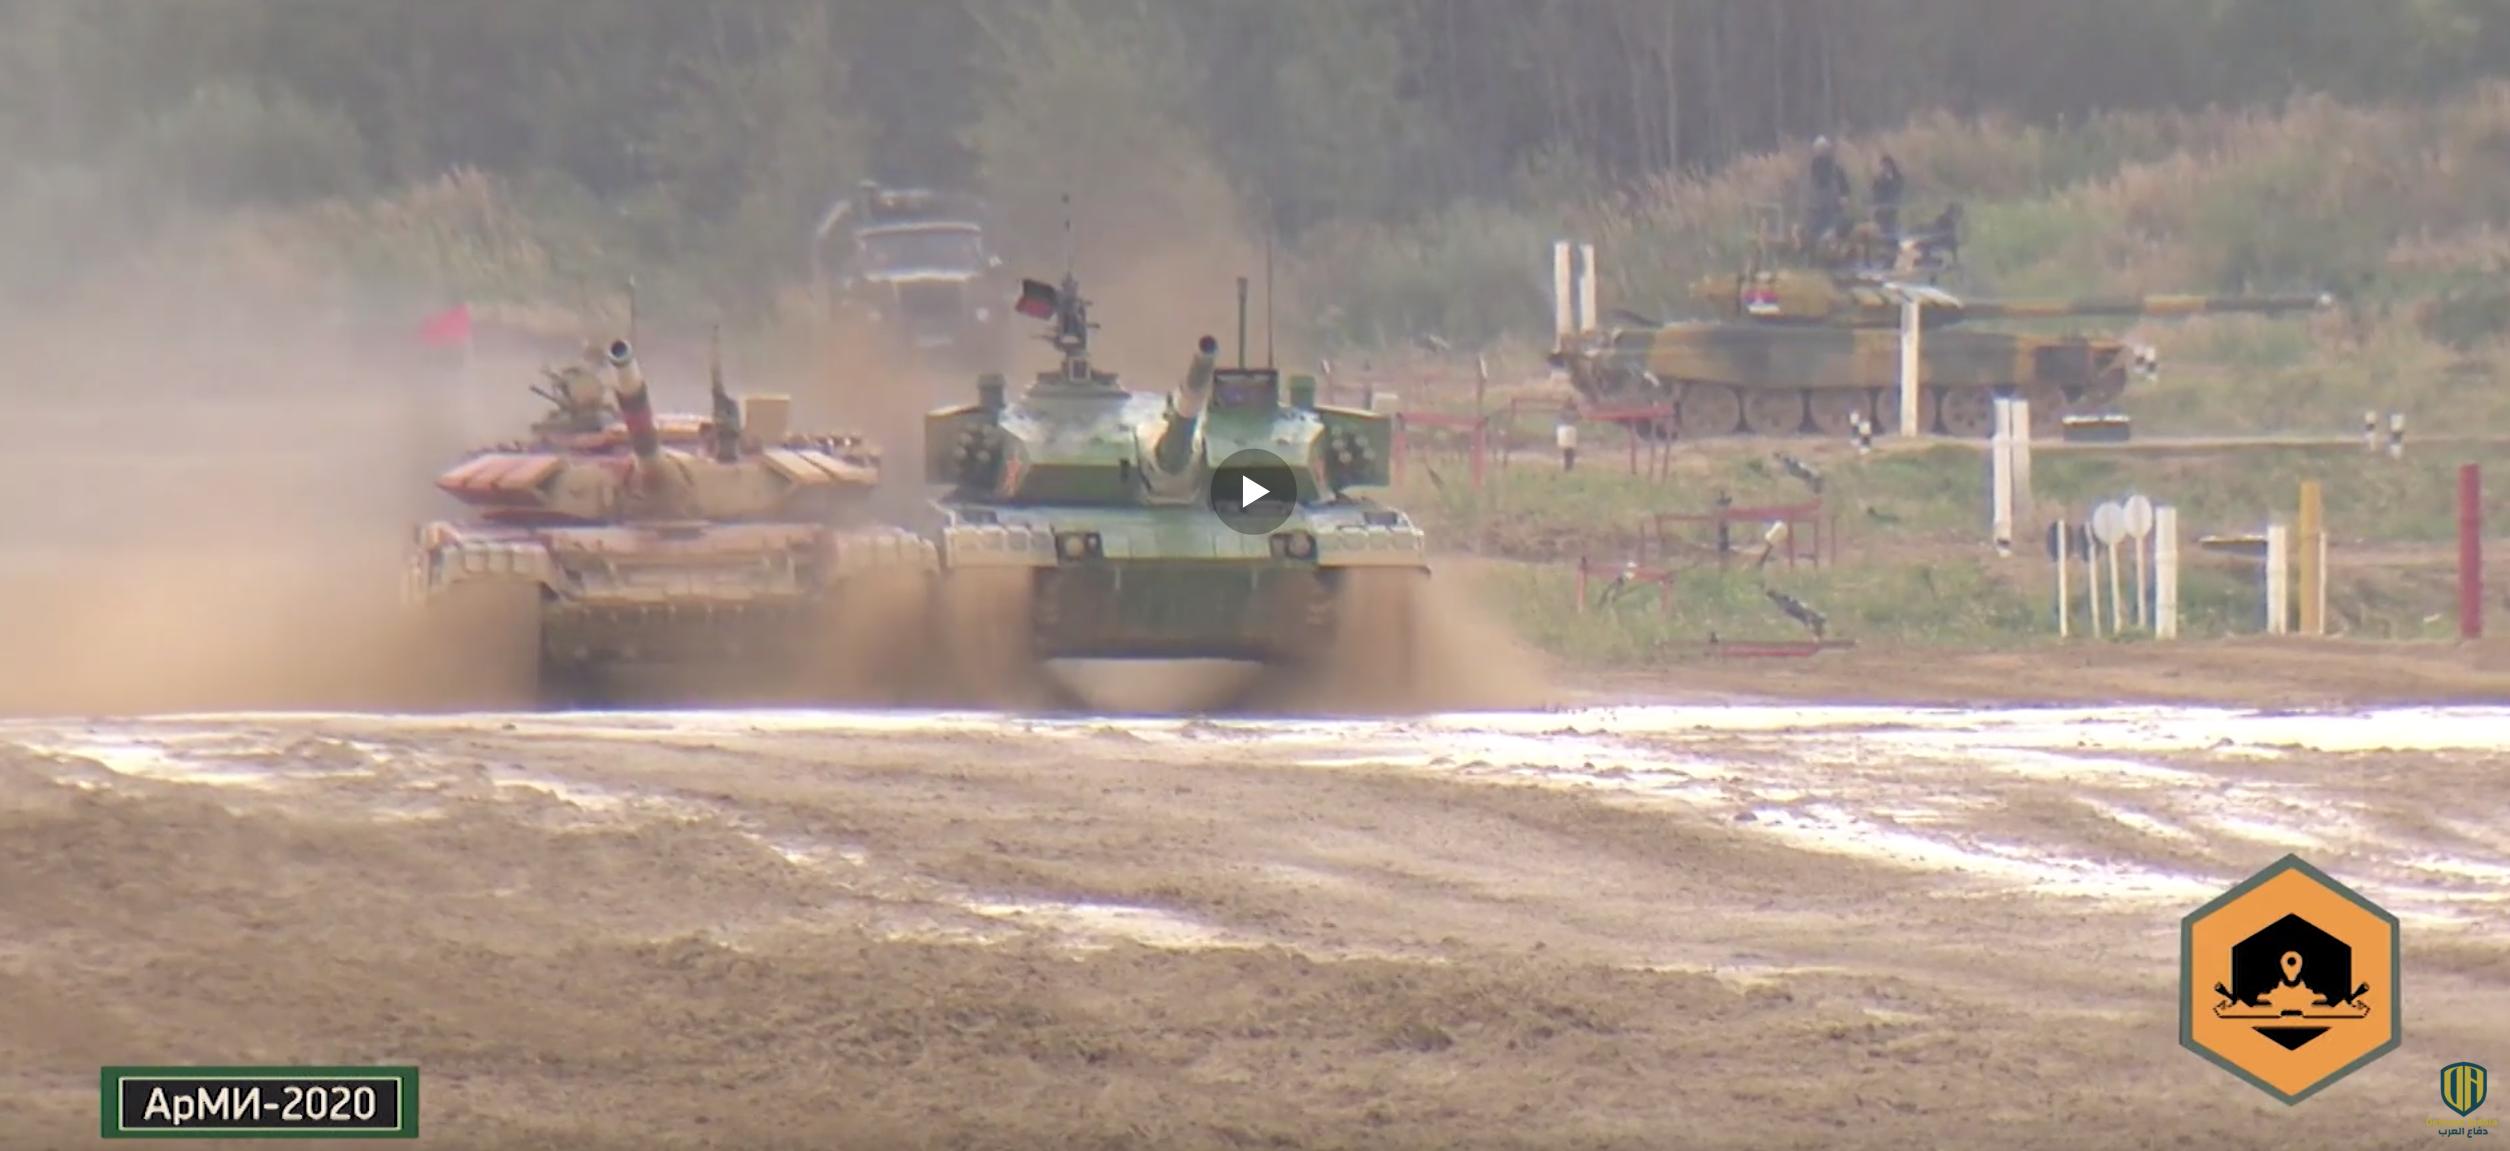 بياتلون الدبابات في أرميا 2020